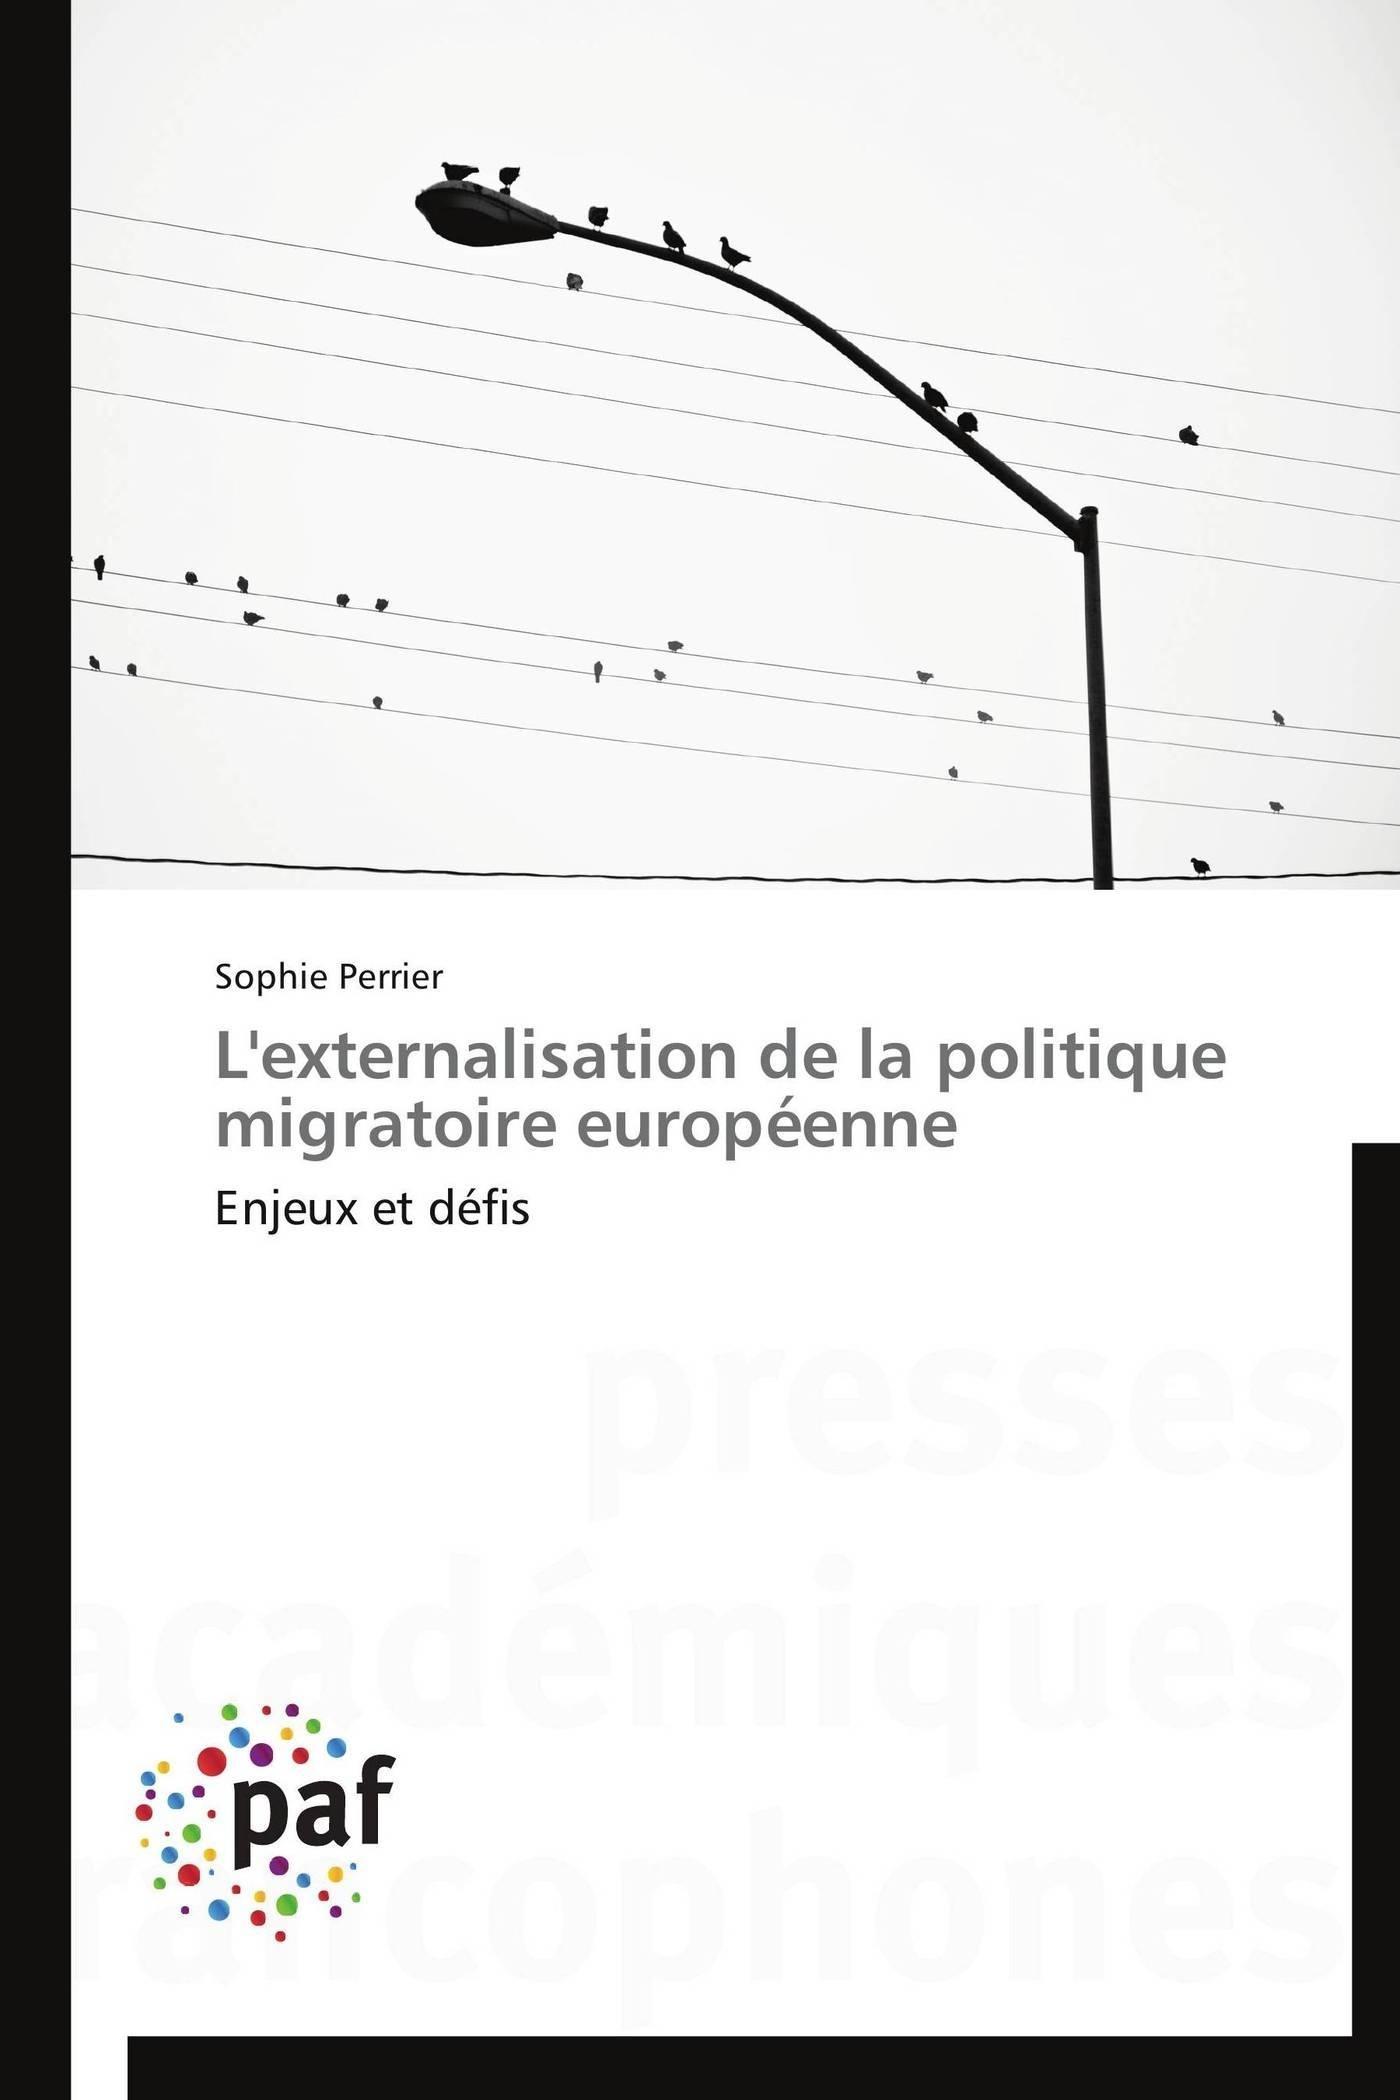 L'EXTERNALISATION DE LA POLITIQUE MIGRATOIRE EUROPEENNE